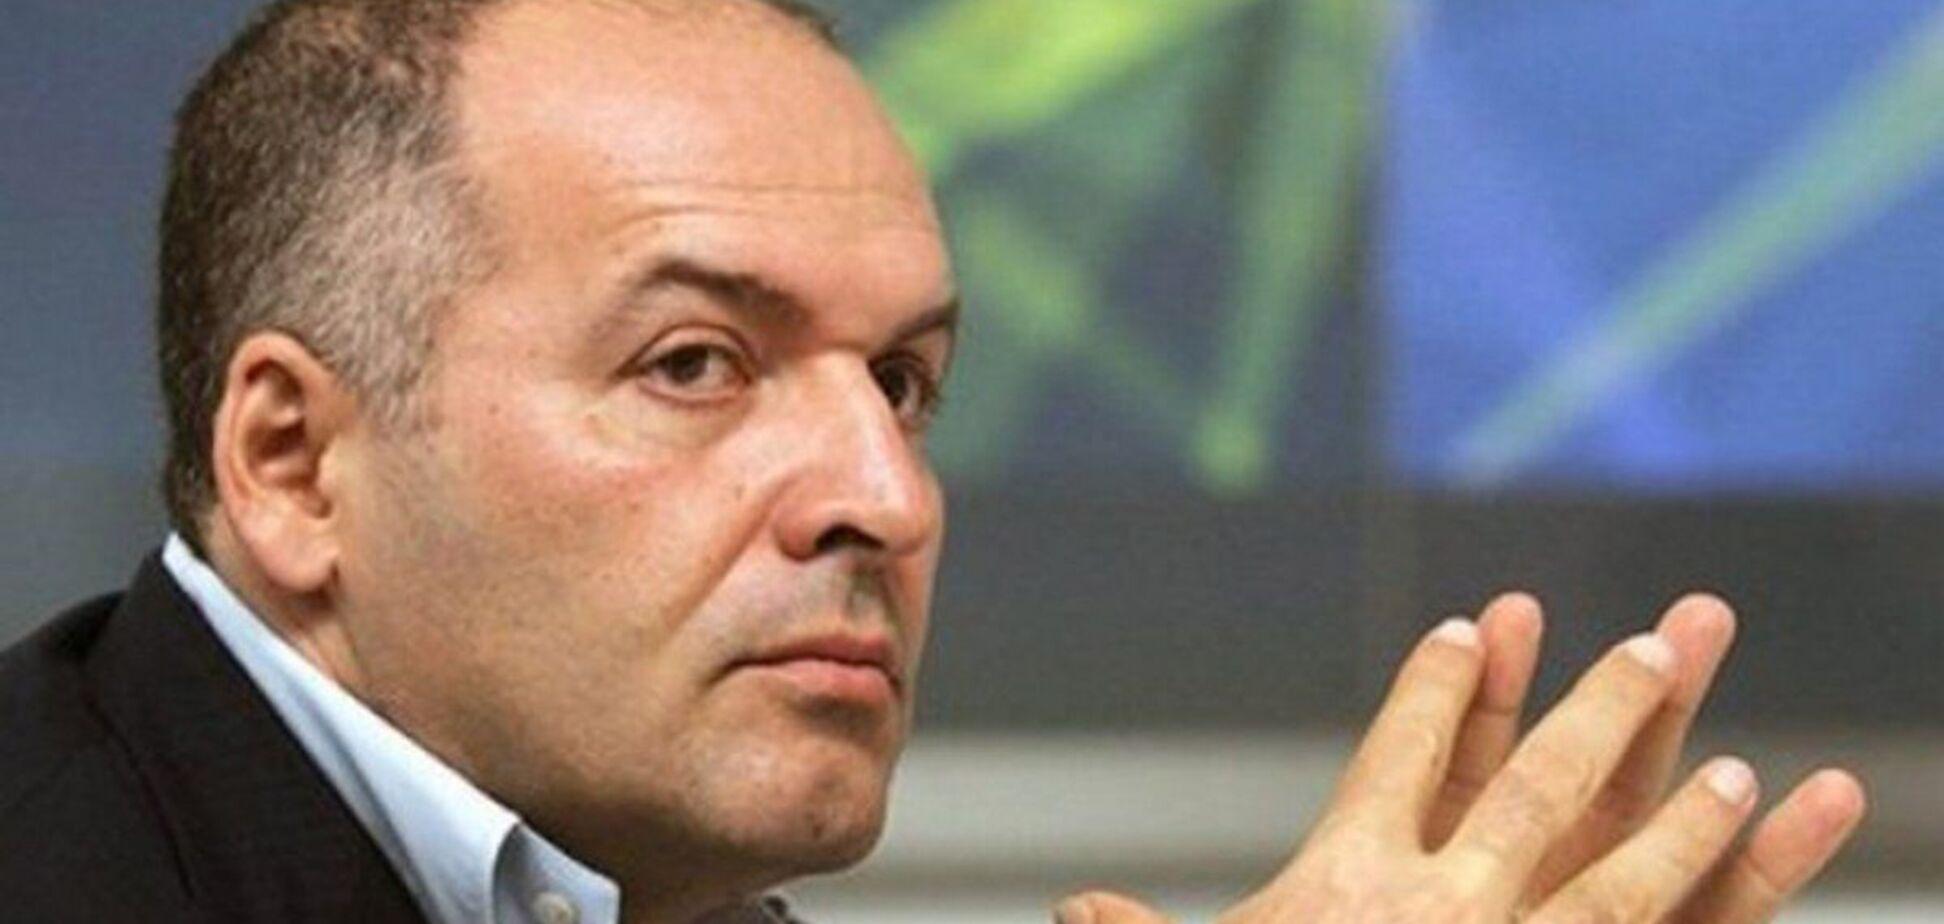 Бизнес Пинчука заплатил 570 млн рублей налогов после оккупации Крыма – Налоговая служба РФ